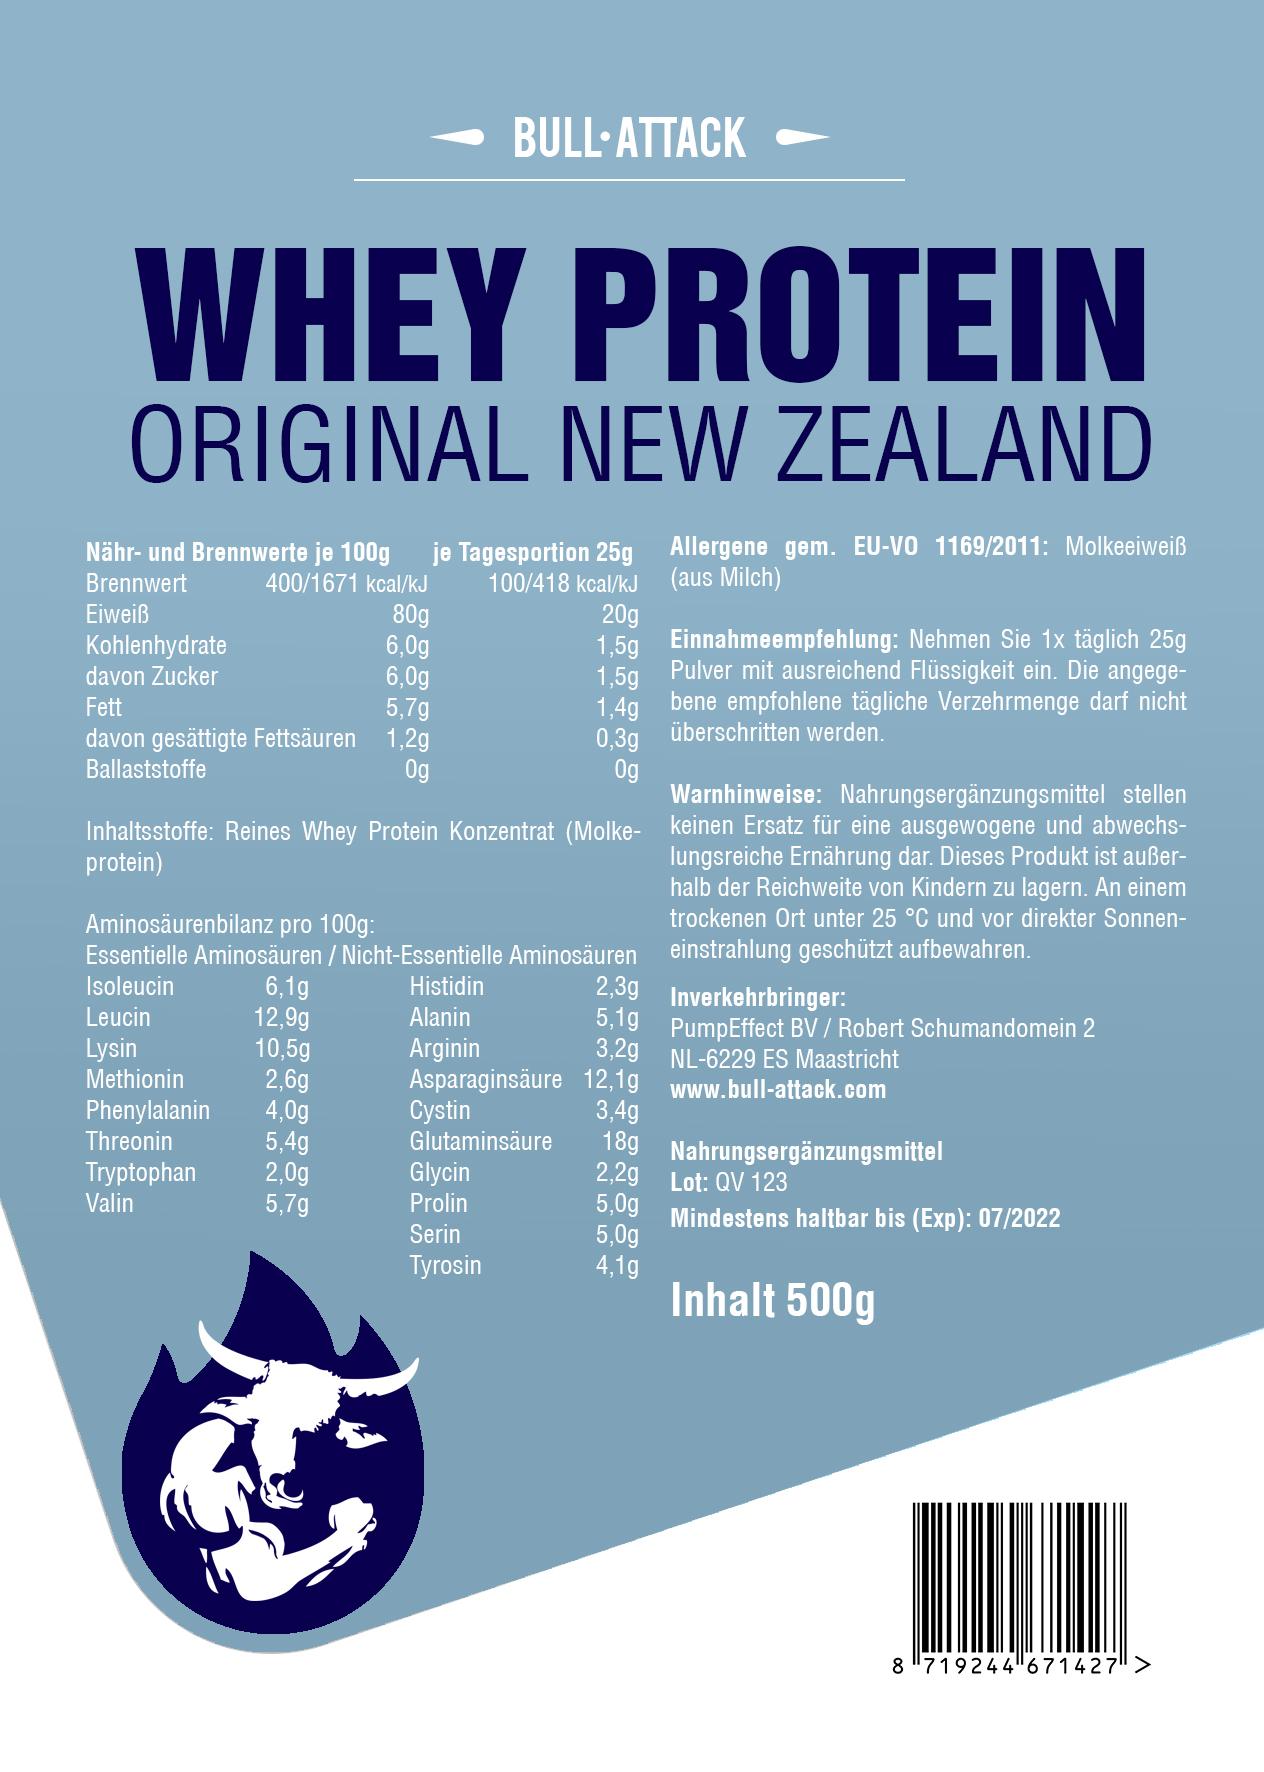 New Zealand Whey Protein - reines Molkeprotein Pulver 500g